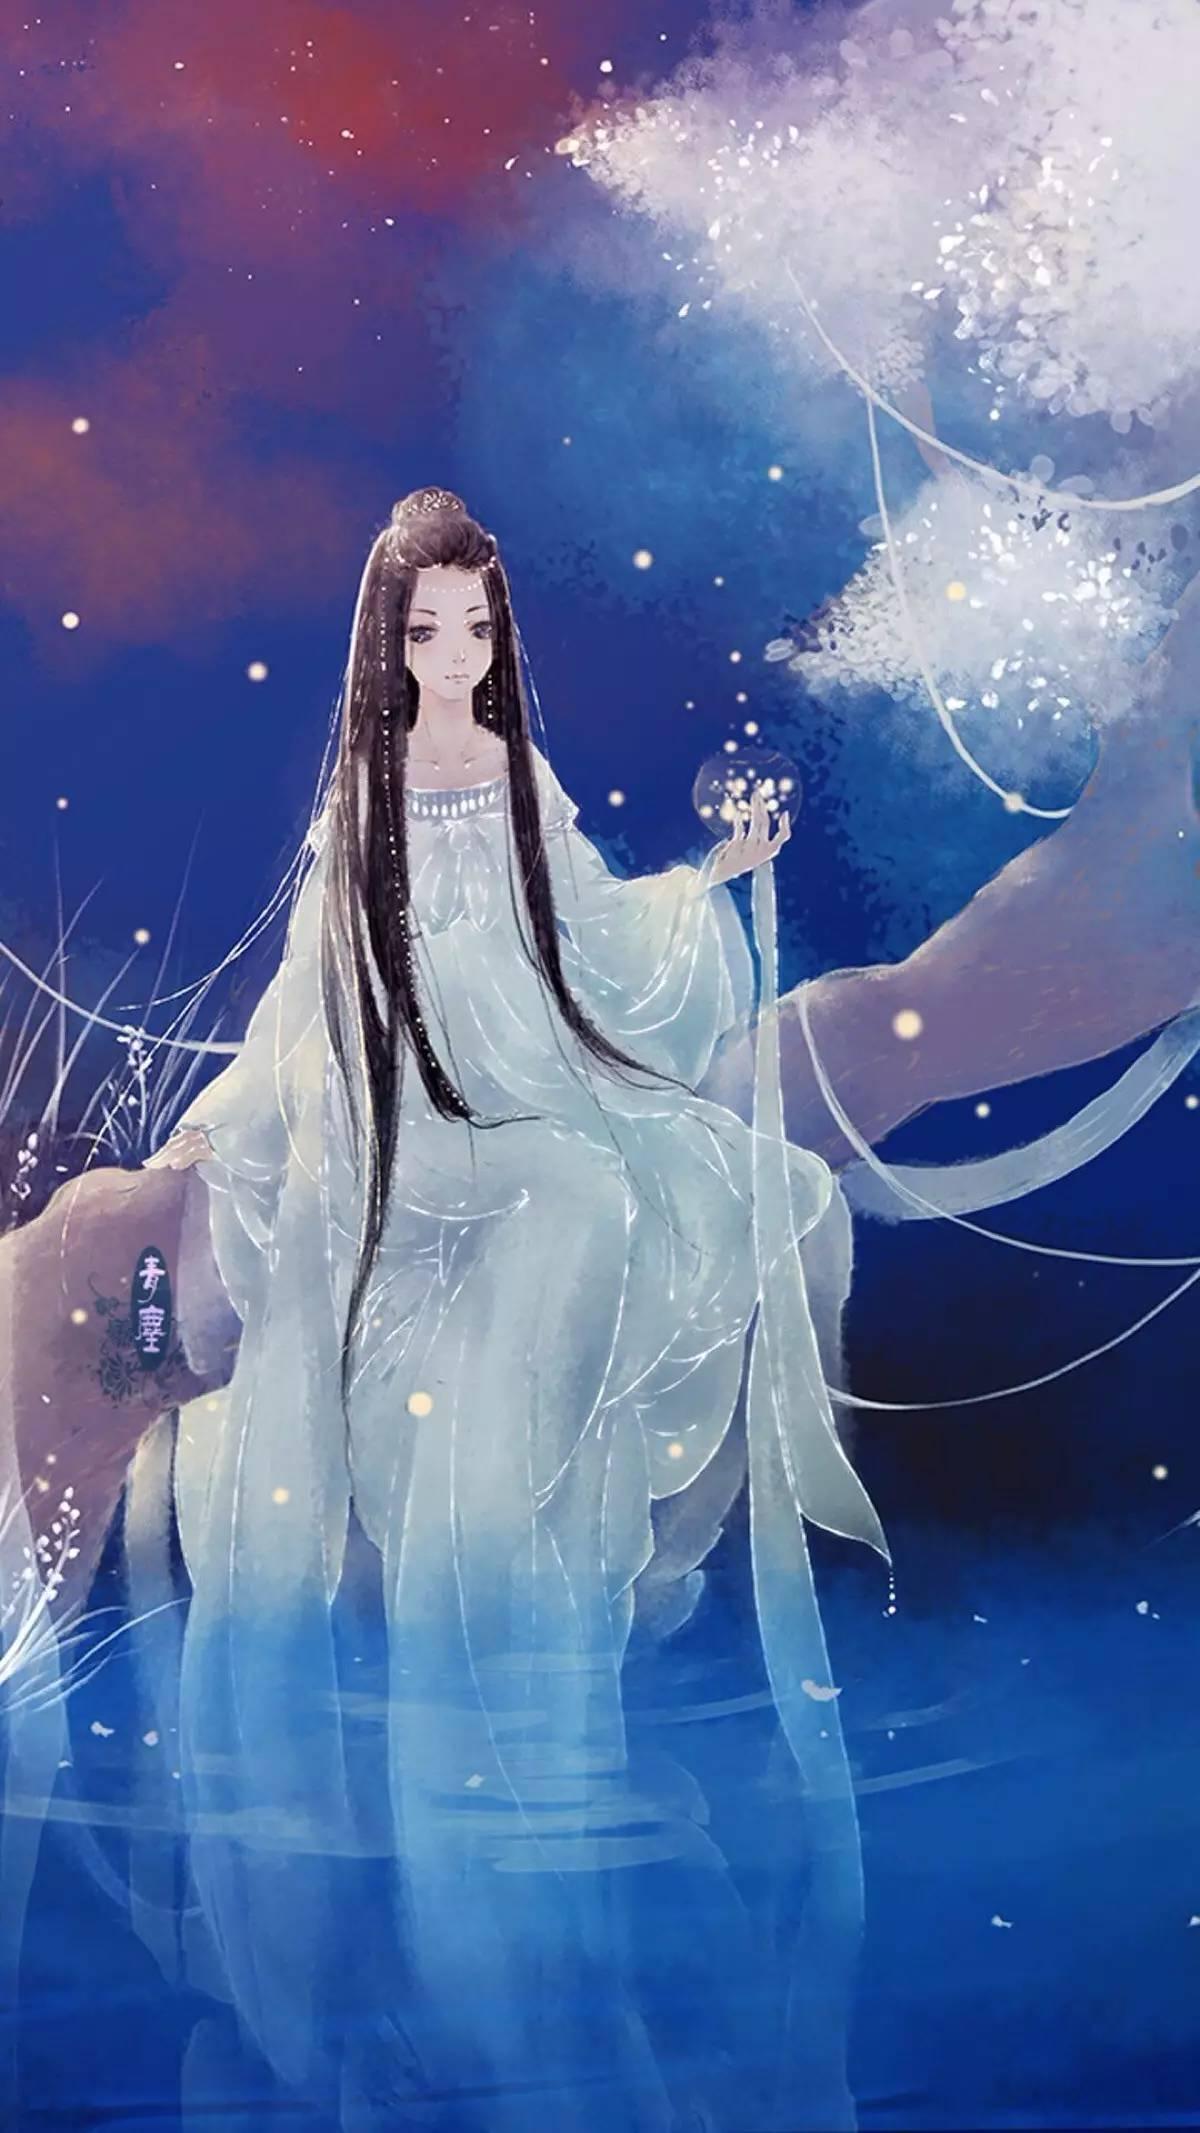 仙女图古风手绘